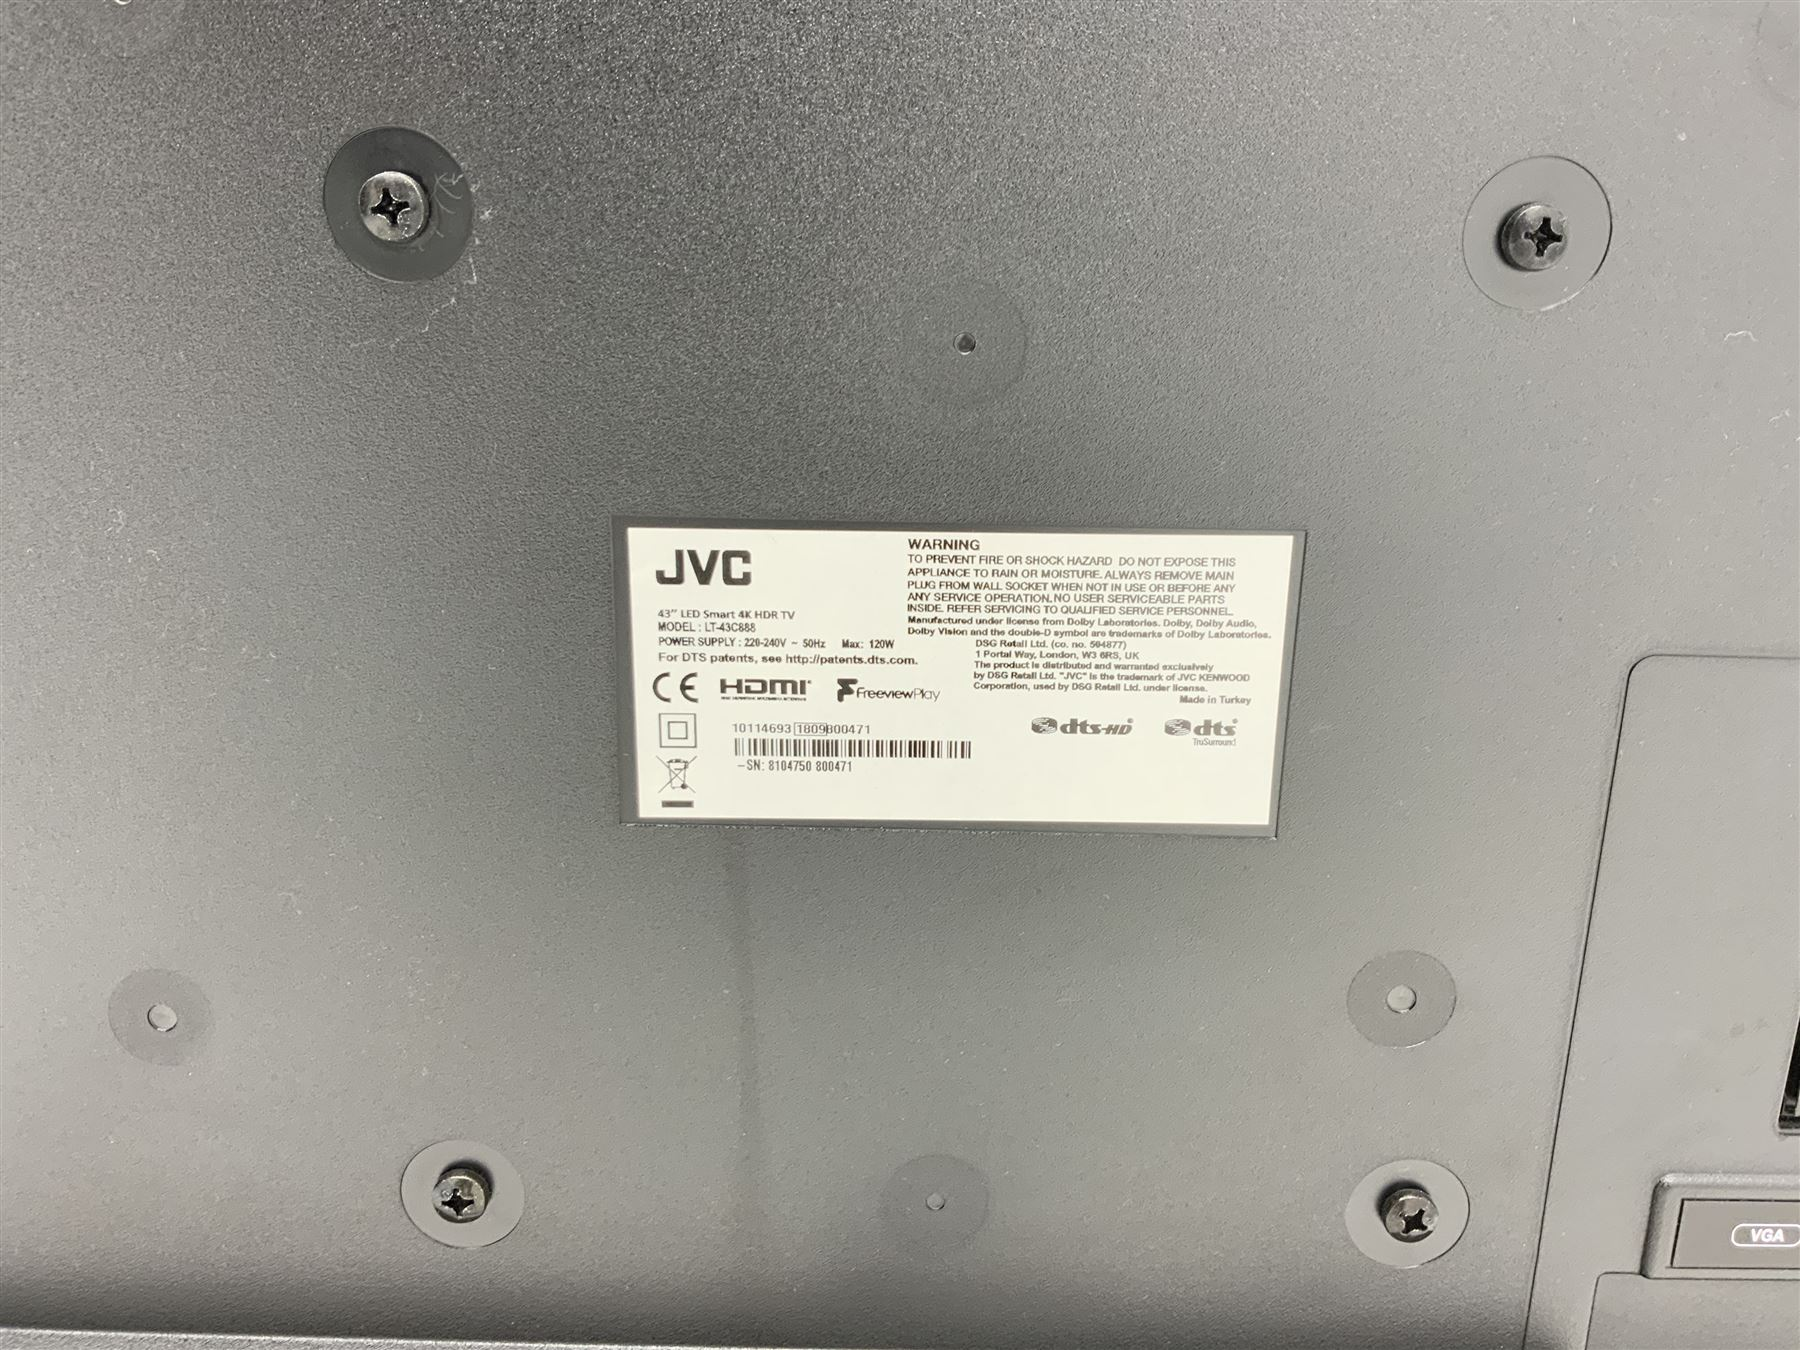 JVC television 43� LED Smart 4K HDR TV - Image 2 of 2